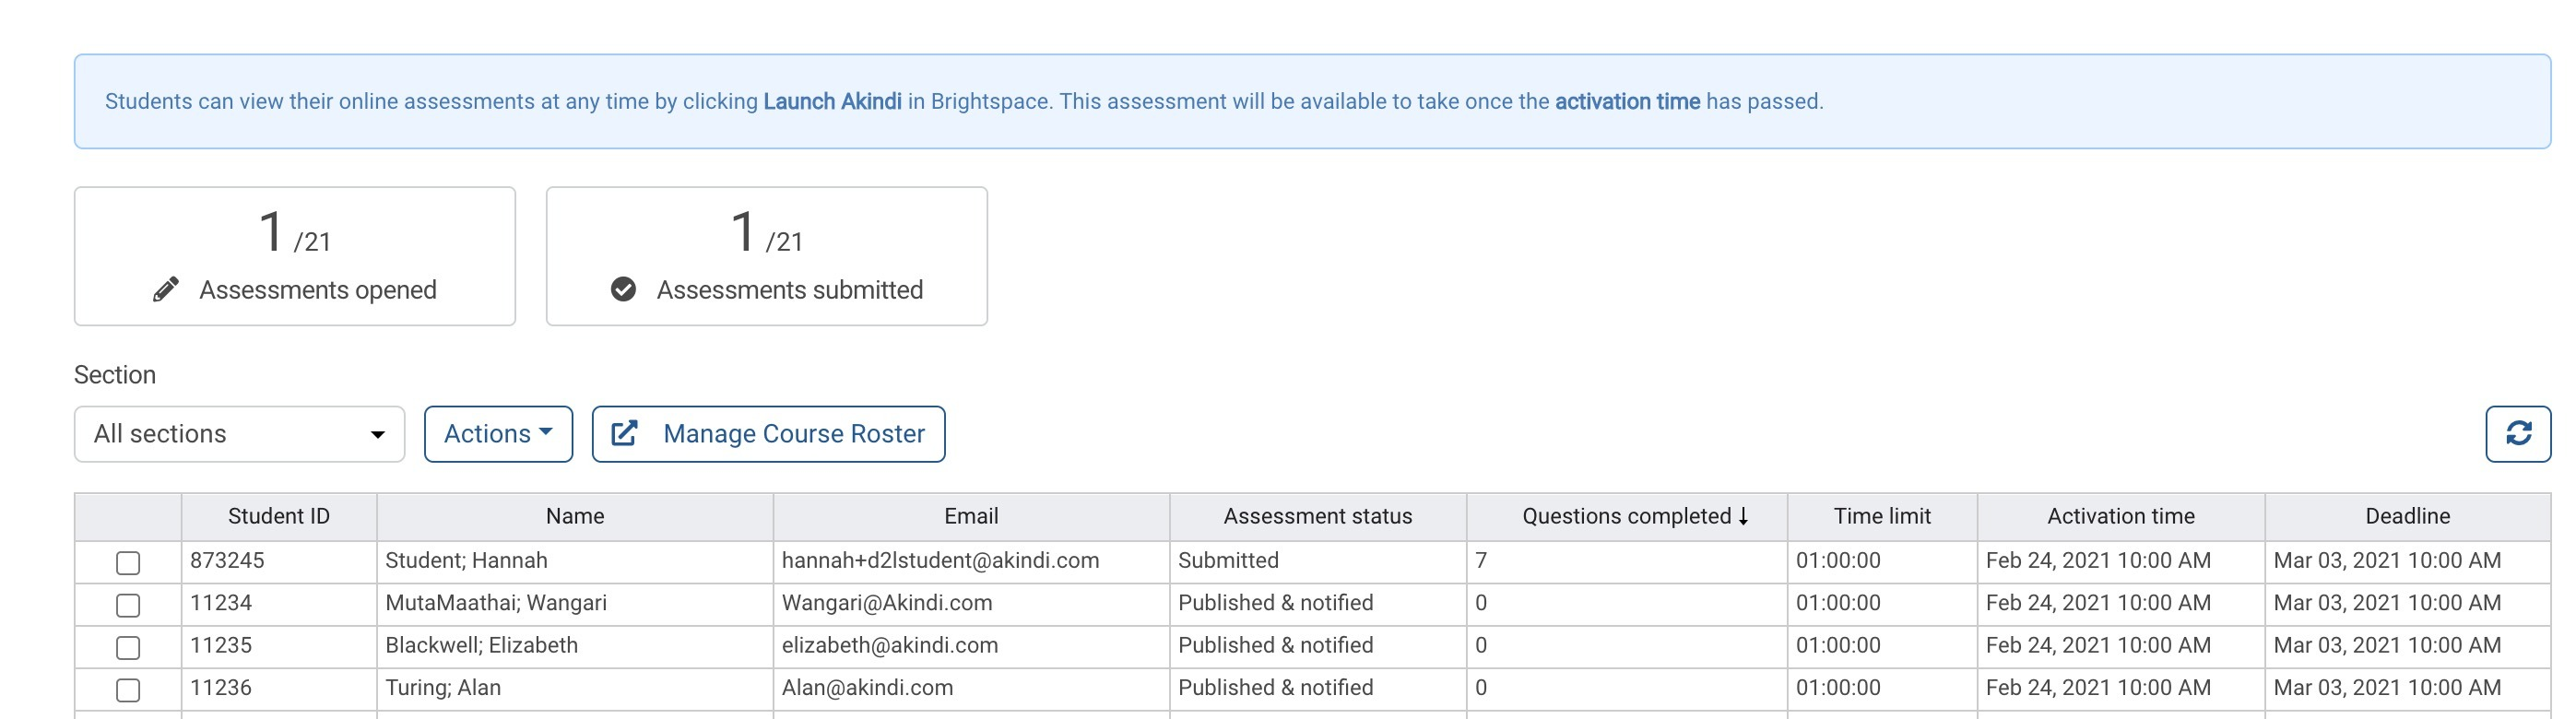 Online assessment status